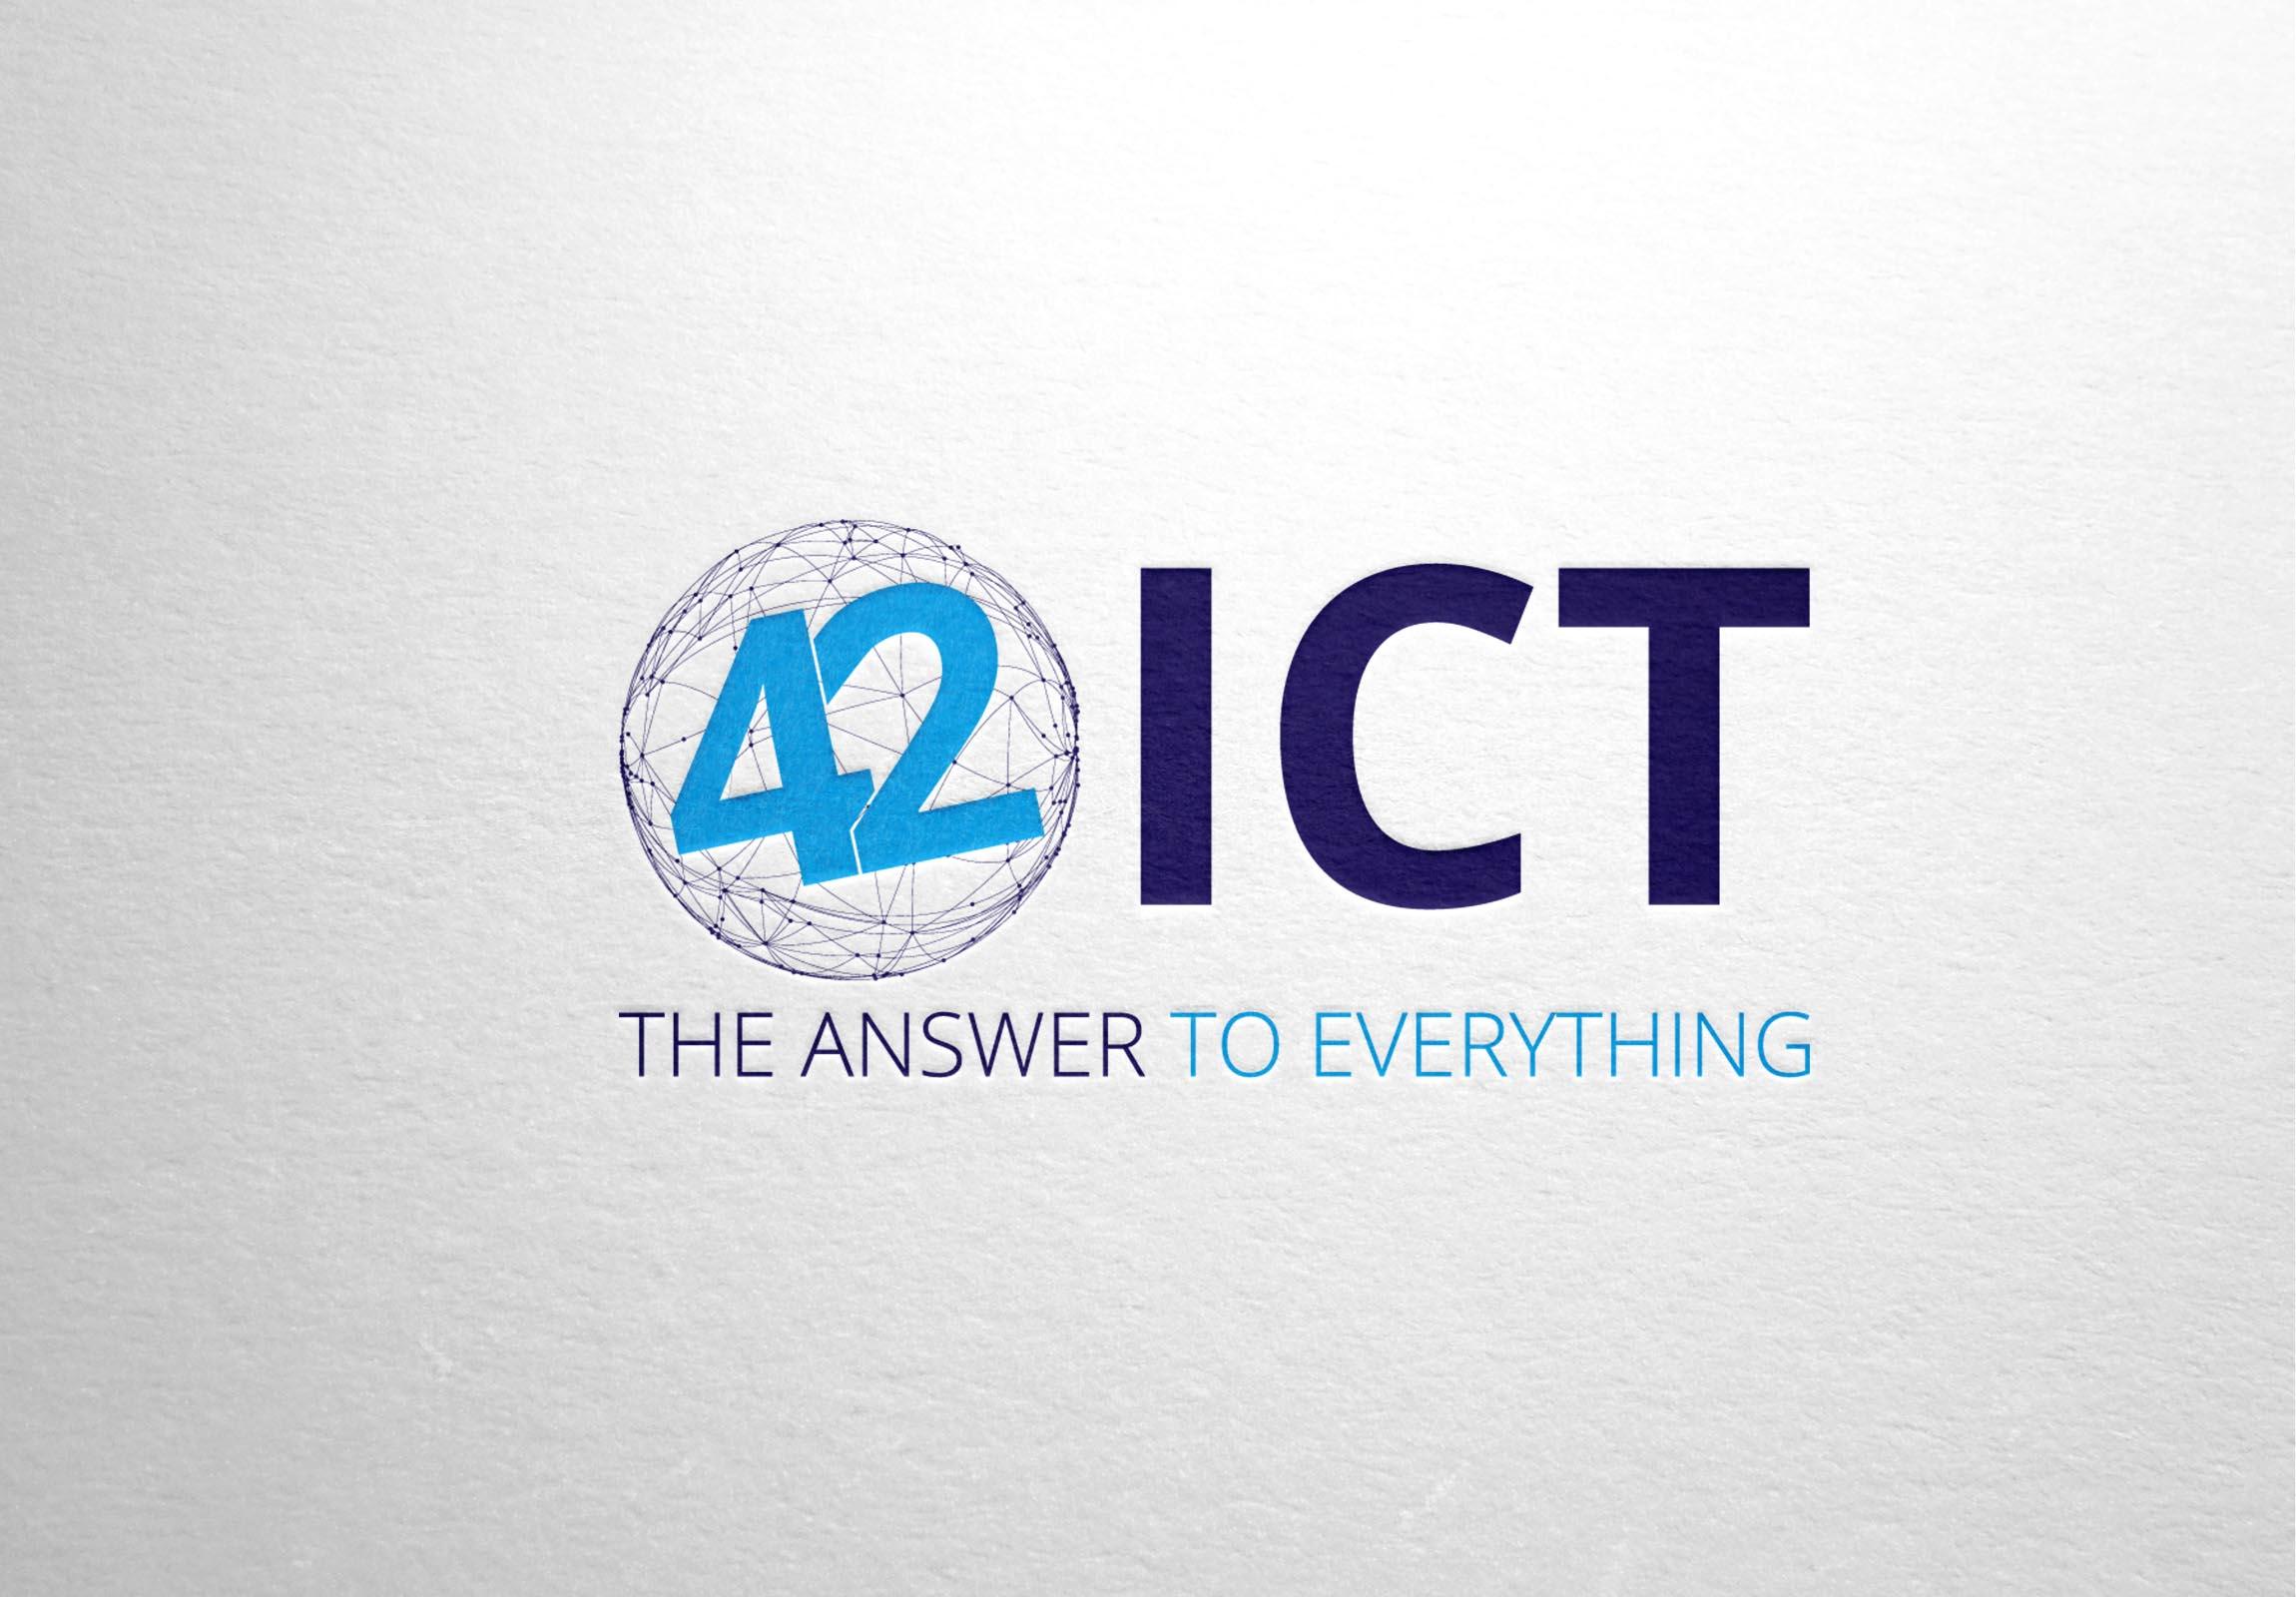 logo-42ict